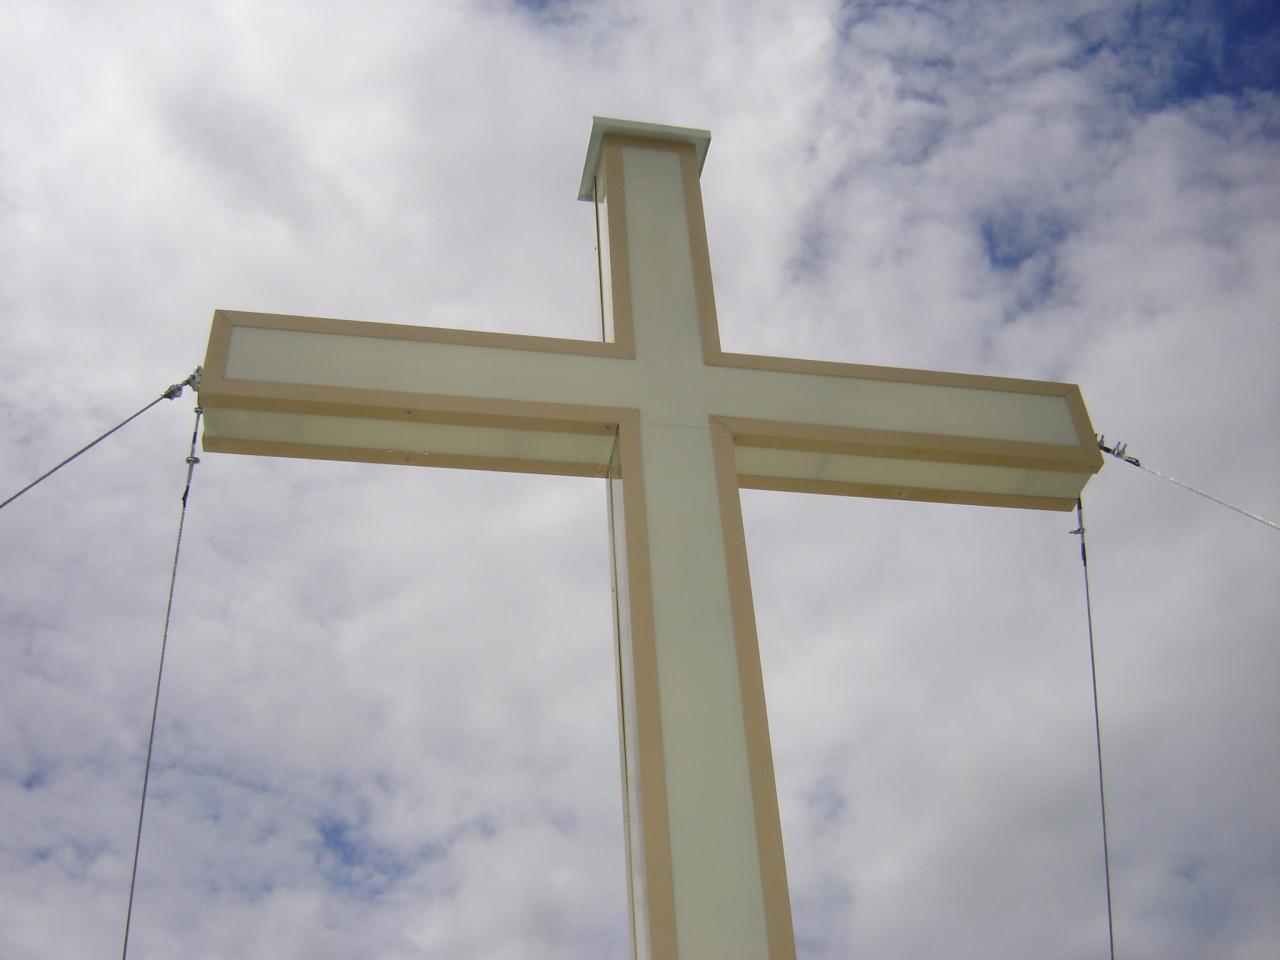 Installazione nuova Croce campanile.